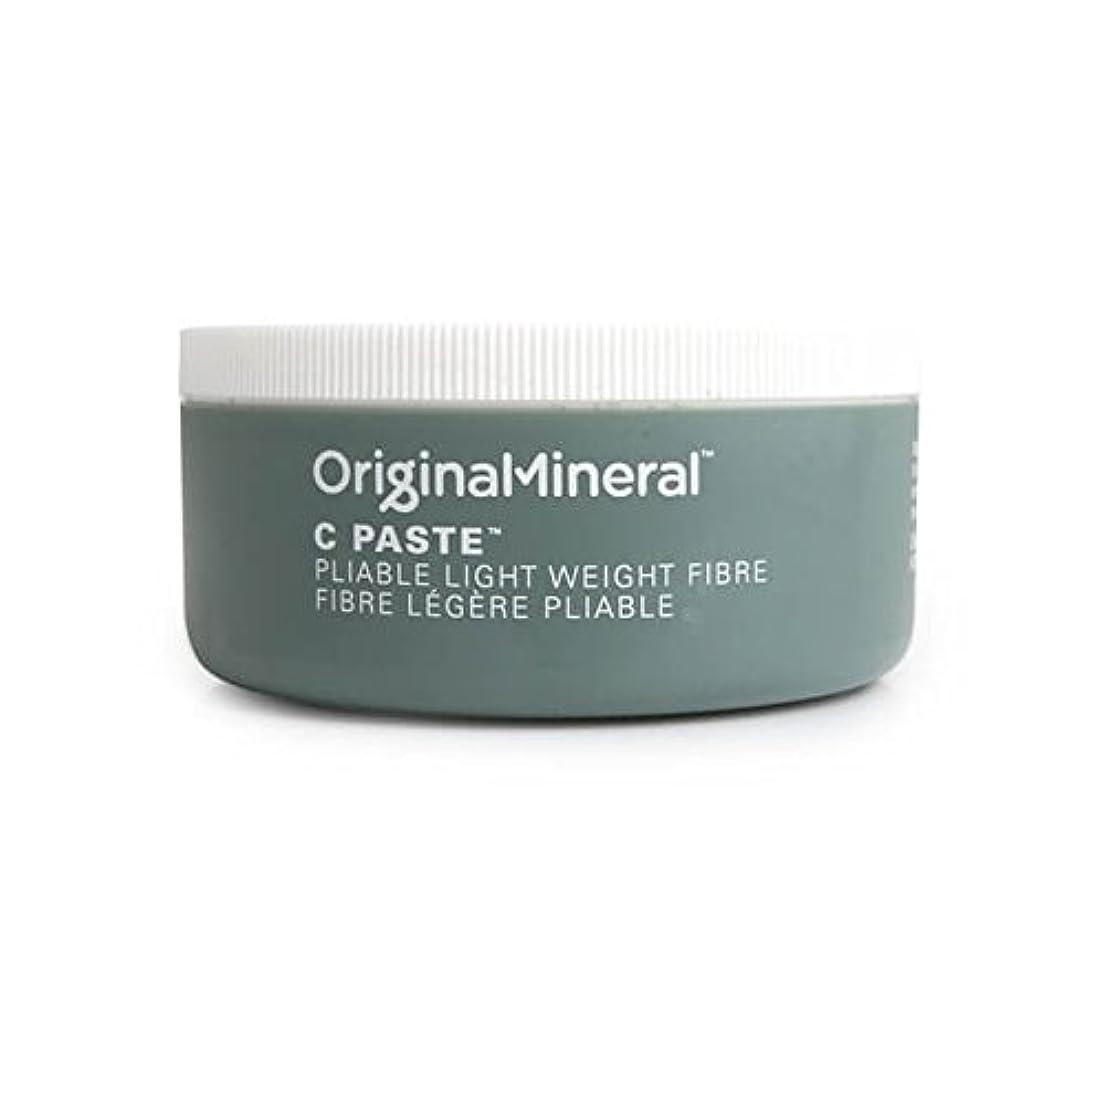 ローブ図であるオリジナル&ミネラルの-ペーストヘアワックス(100グラム) x4 - Original & Mineral C-Paste Hair Wax (100G) (Pack of 4) [並行輸入品]